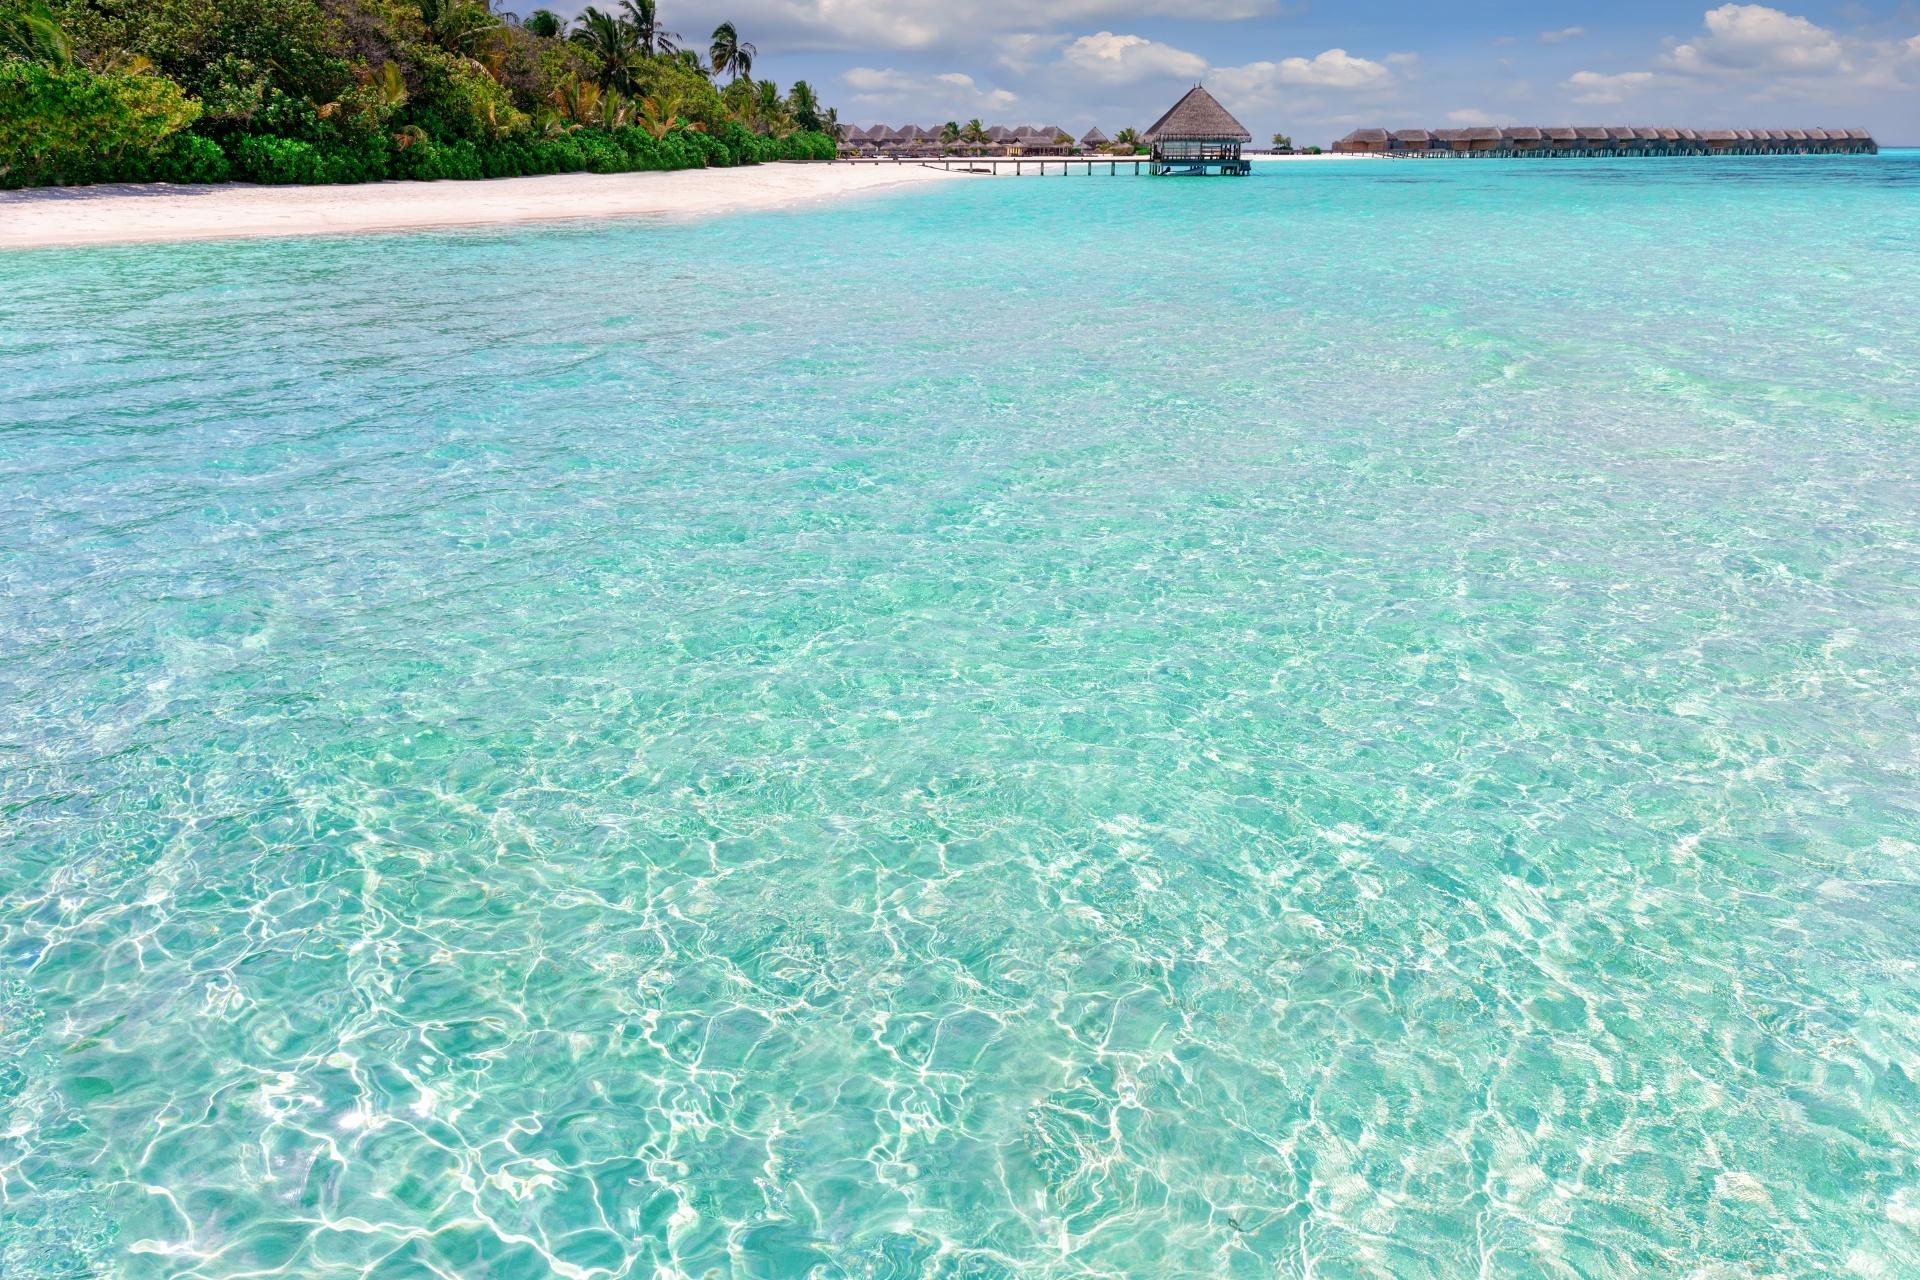 インド洋の風景 モルディブの風景